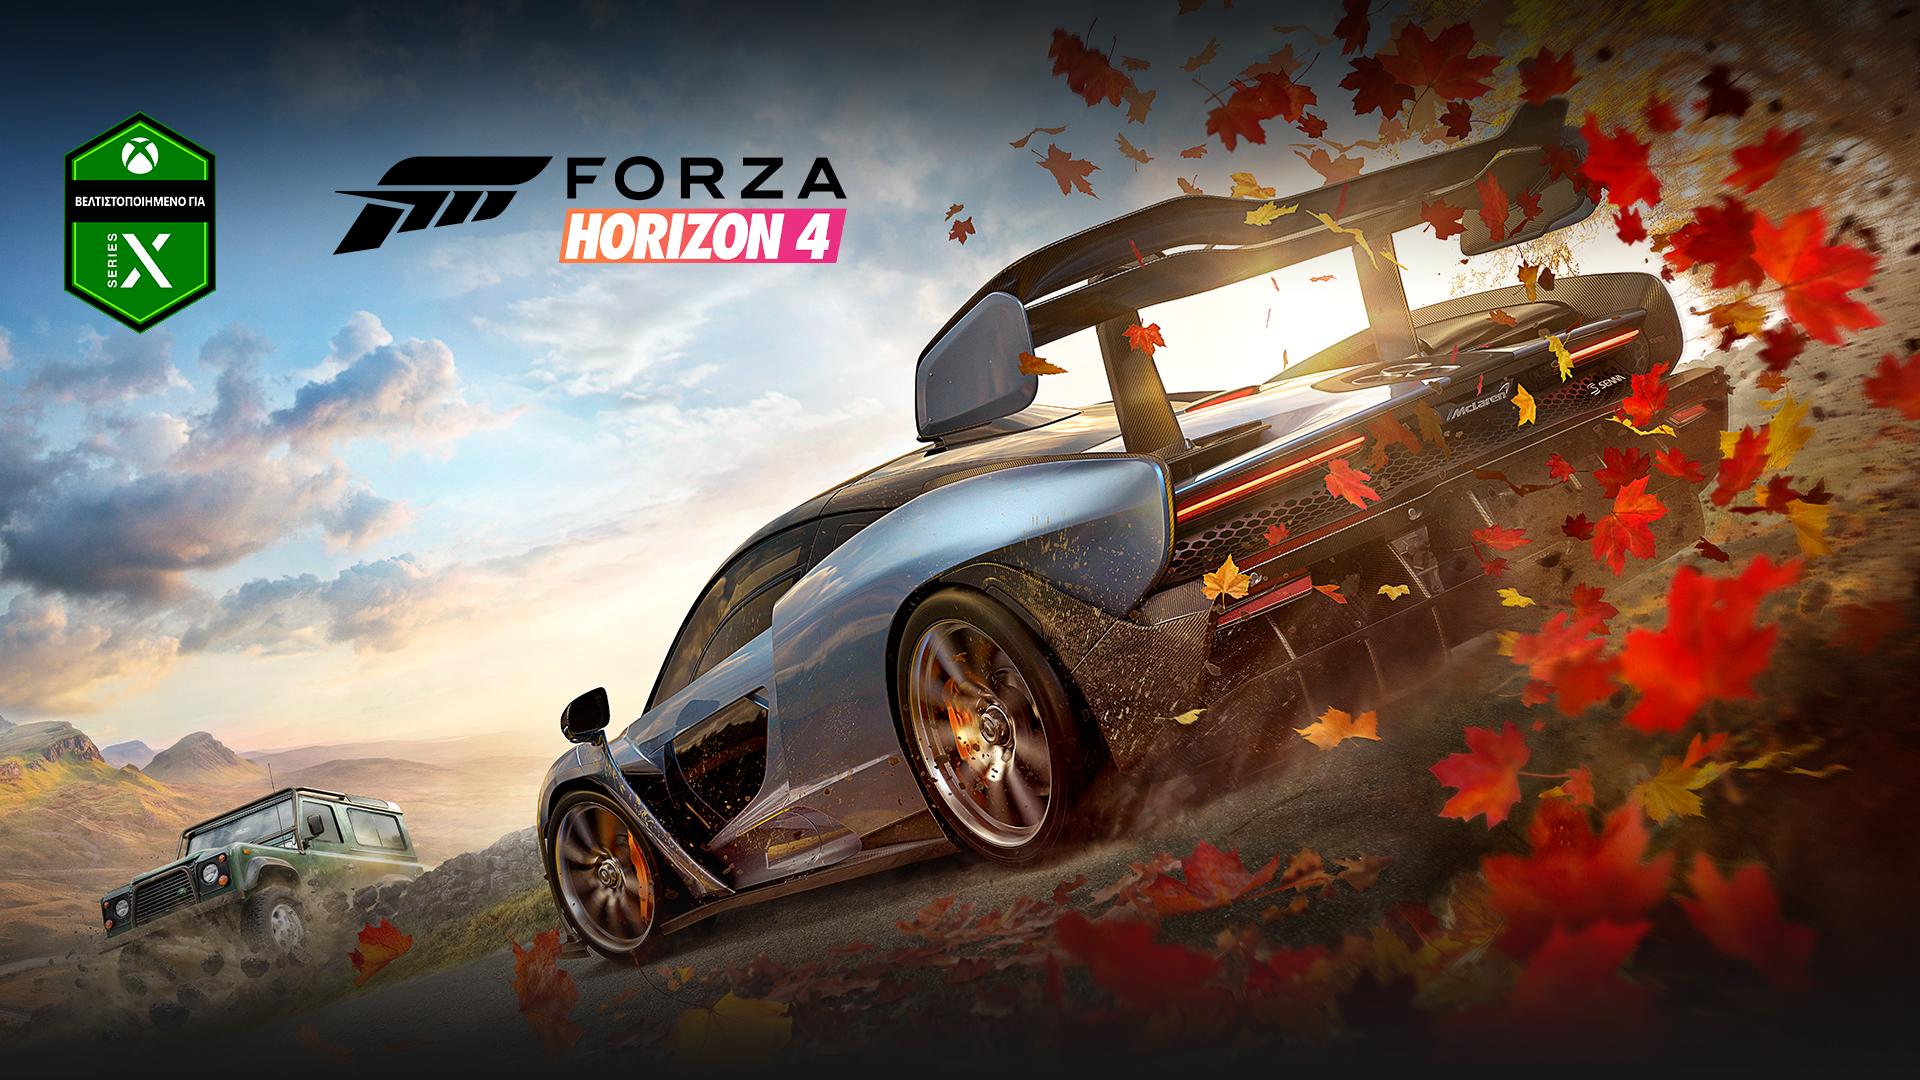 Βελτιστοποιημένο για Xbox Series X, Forza Horizon 4, δύο αυτοκίνητα, το ένα από αυτά με φύλλα πίσω του